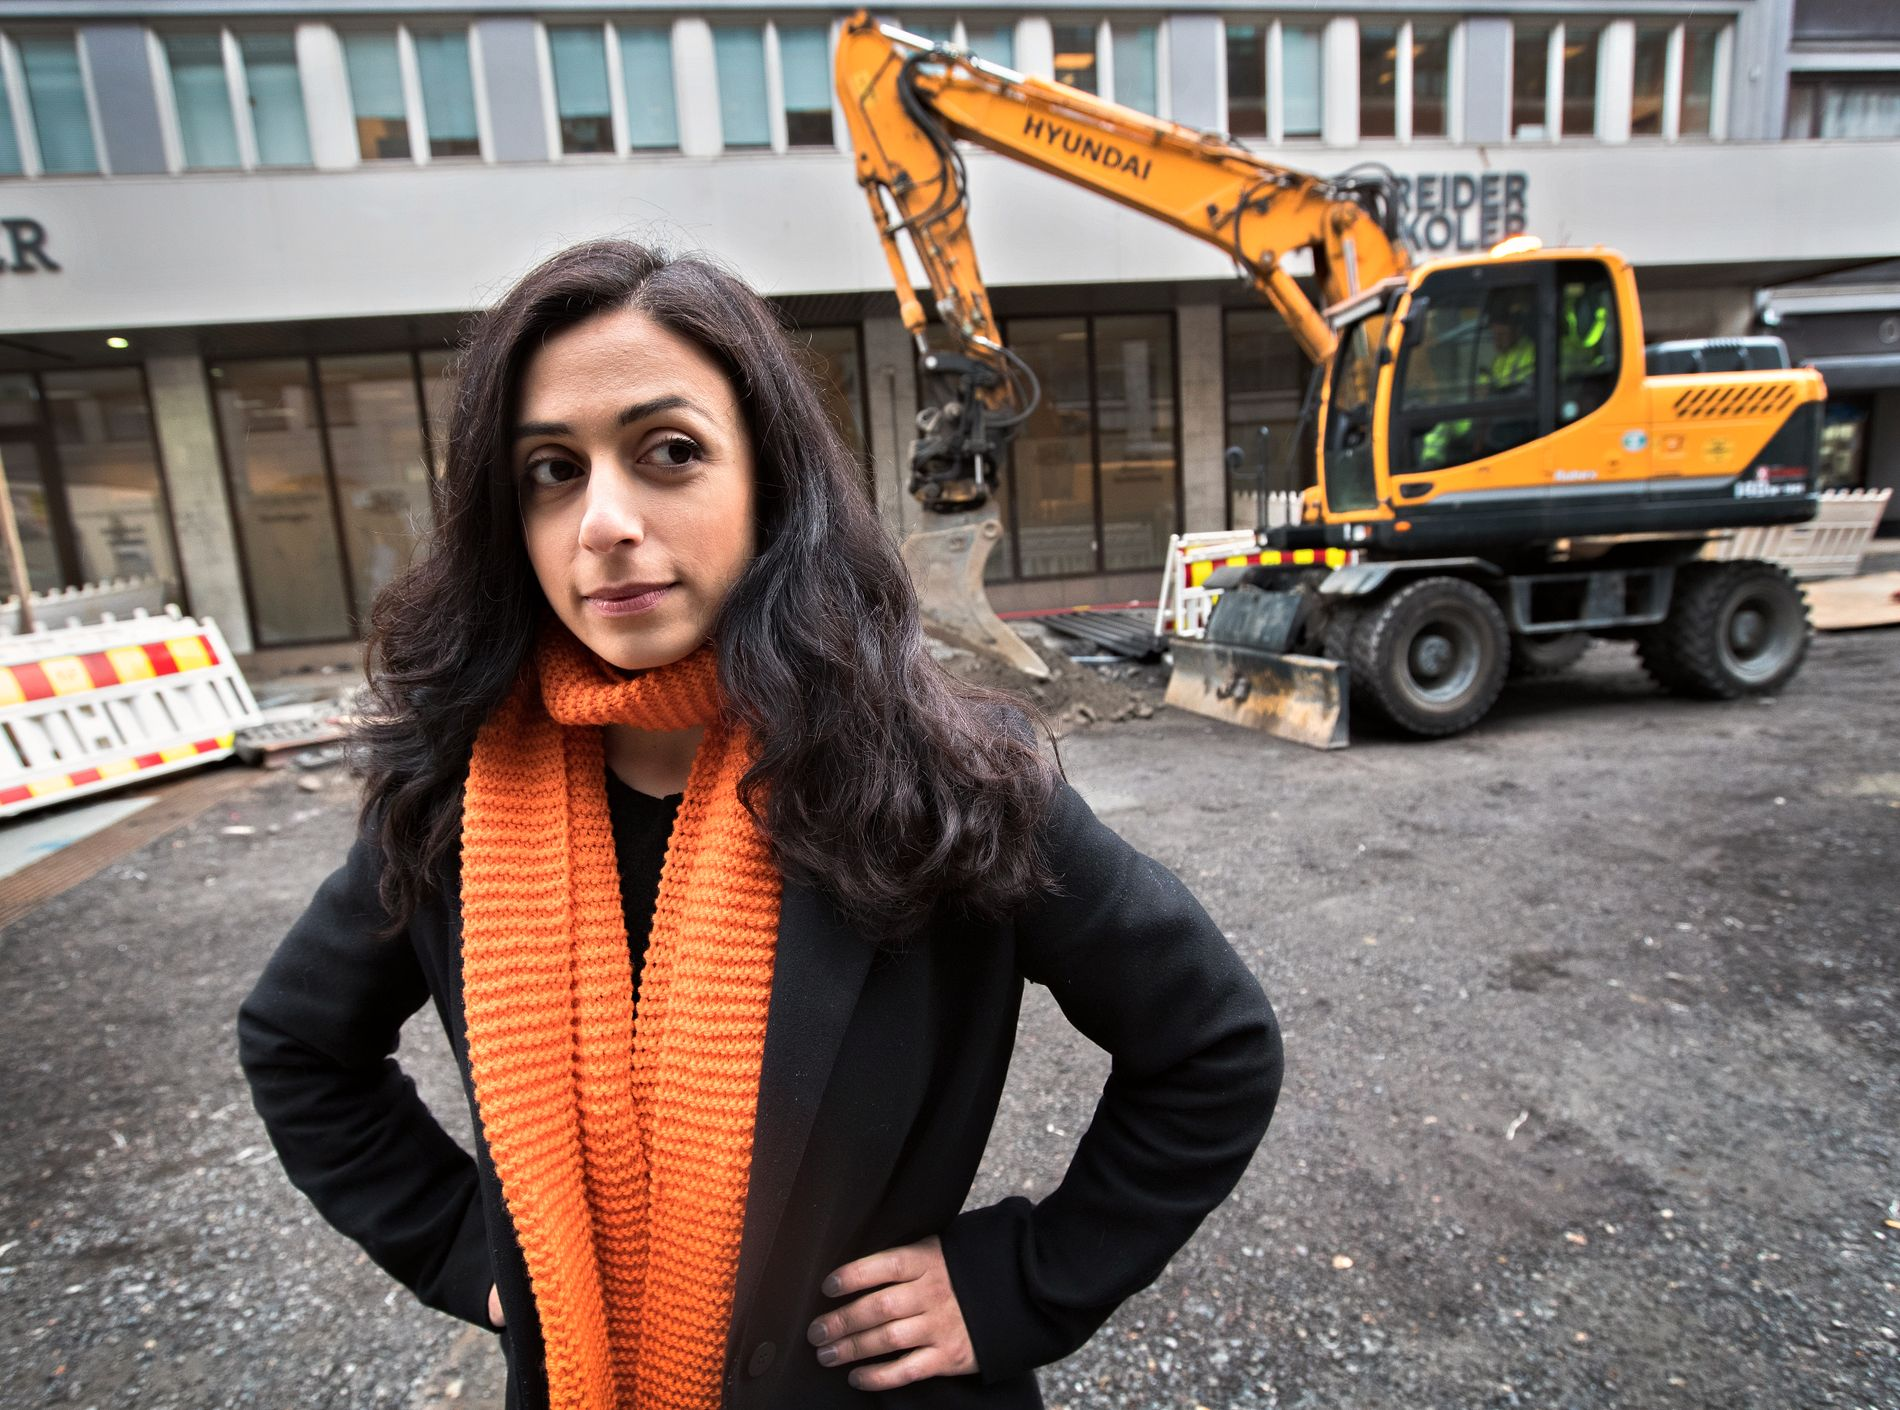 VIL STRAMME INN: Ap-nestleder Hadia Tajik sier Ap vil begrense bruken av innleie i alle bransjer, ikke bare bygg og anlegg.